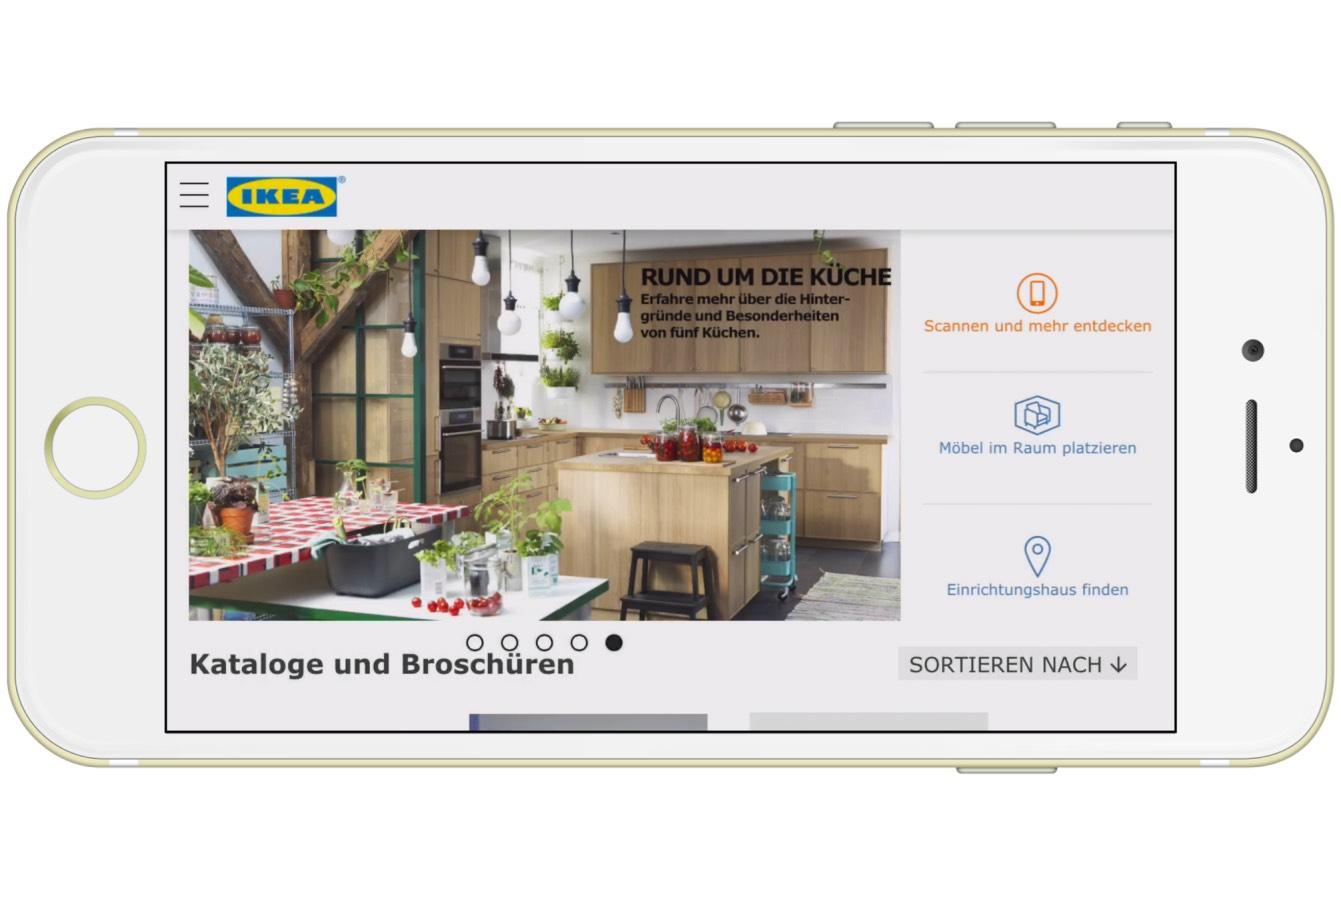 Full Size of Mobile Küche Ikea App Fr Android Mit Insel Landhausküche Gebraucht Wasserhahn Sitzbank Lehne Wanddeko Einbauküche Elektrogeräten Mülltonne Essplatz Wohnzimmer Mobile Küche Ikea